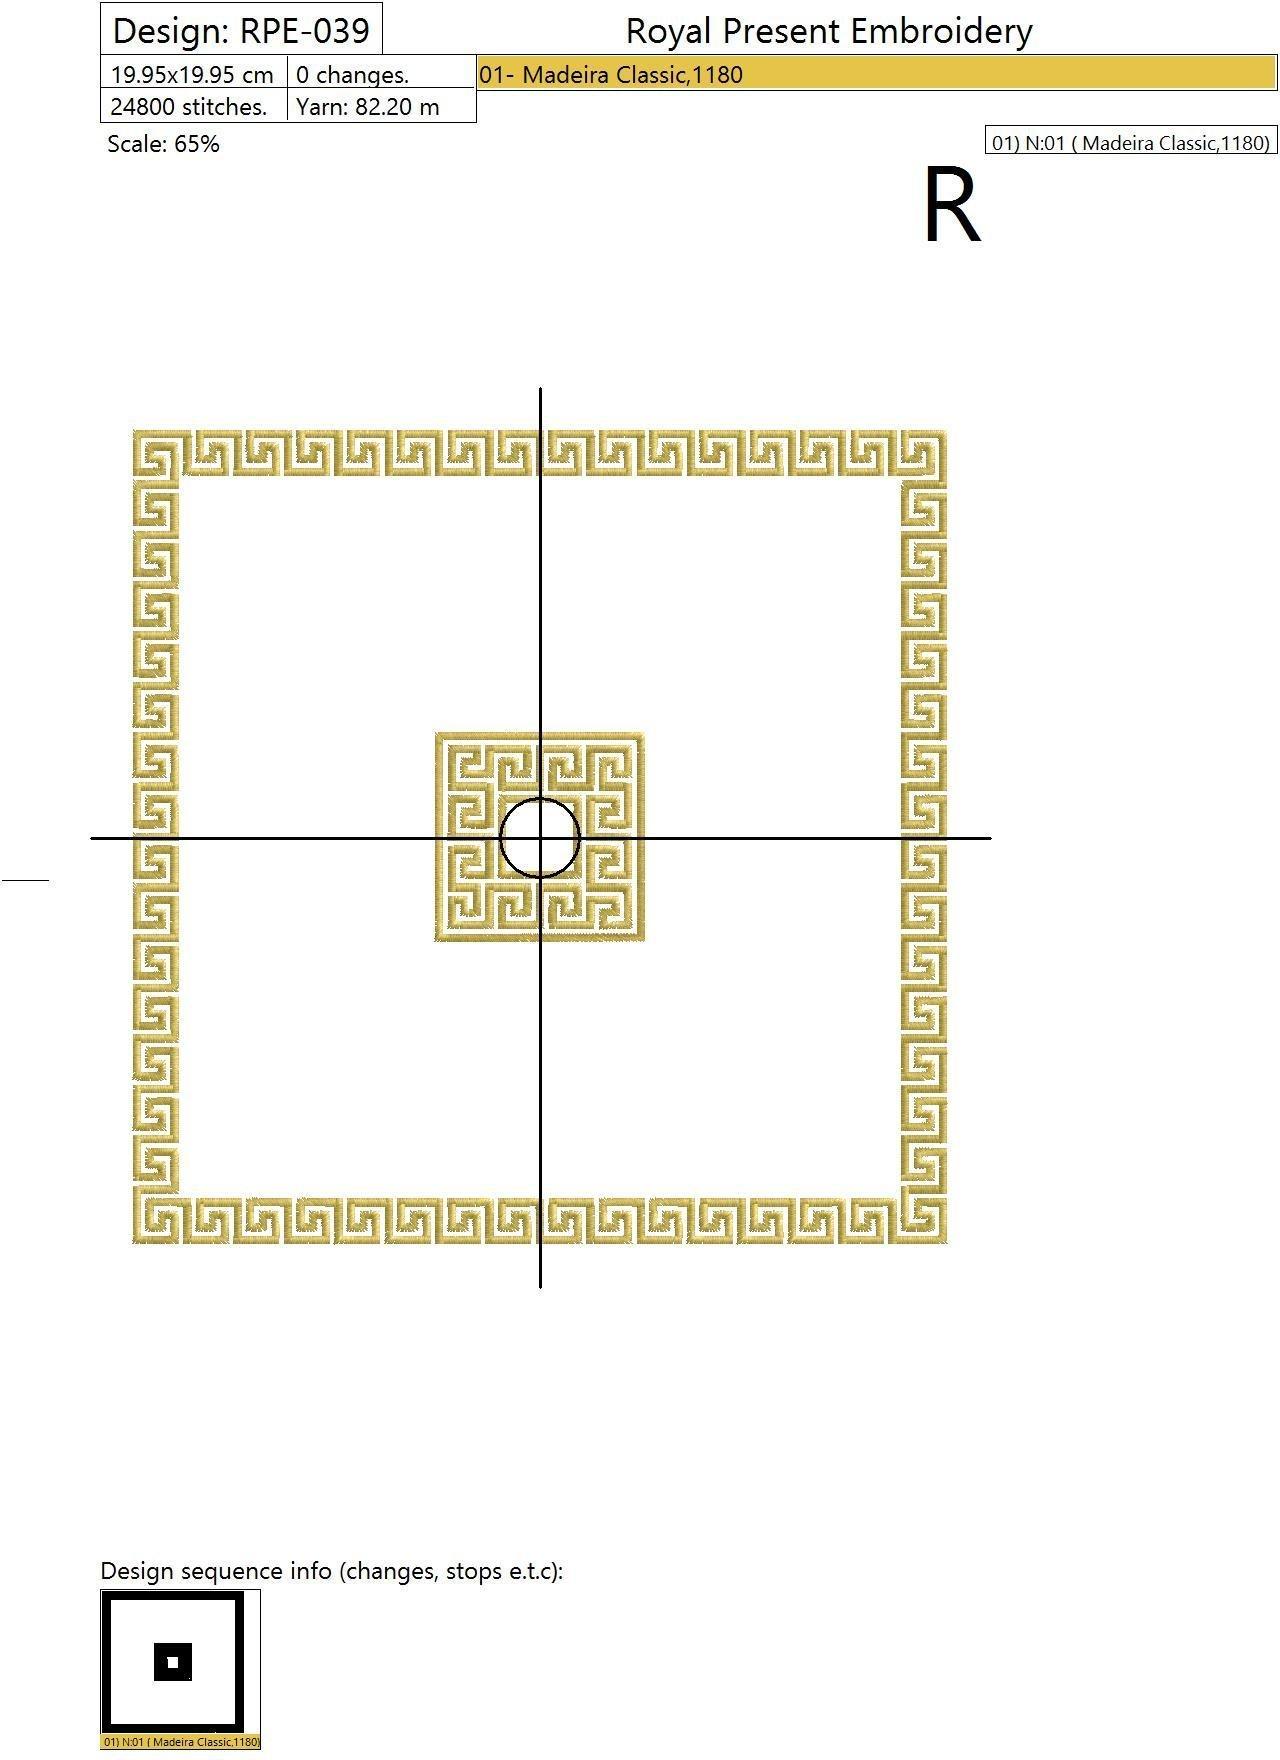 Дизайн для машинной вышивки Классический Греческий орнамент - 2 размера